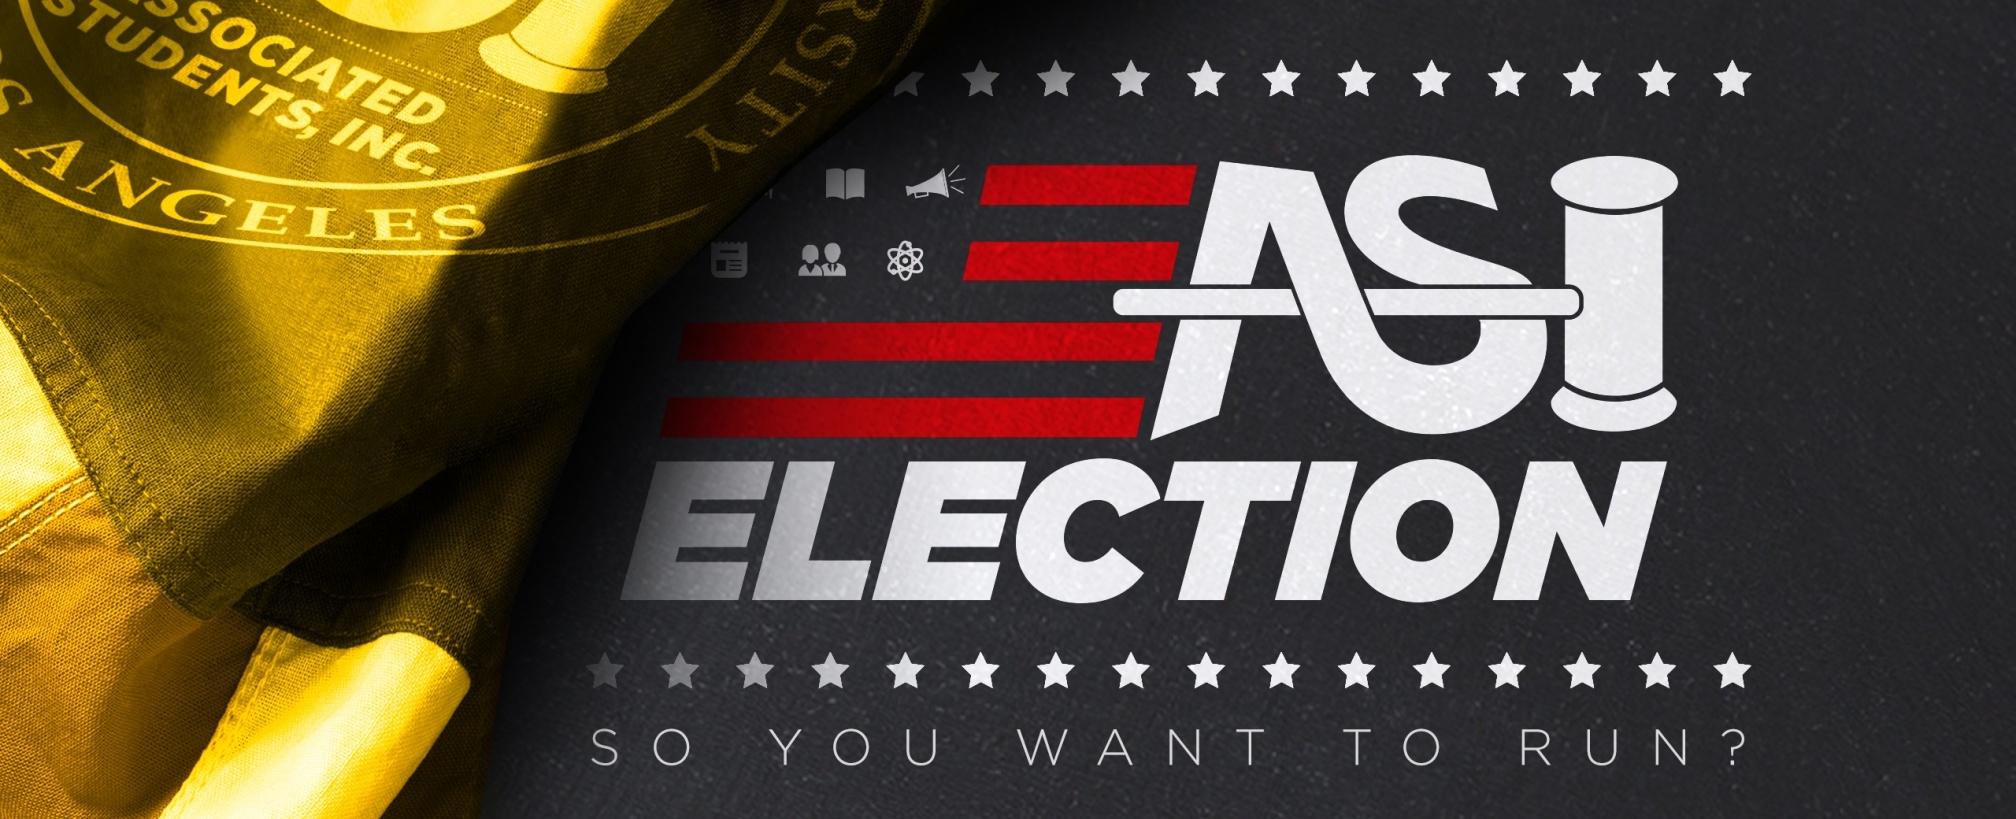 Elections Slider